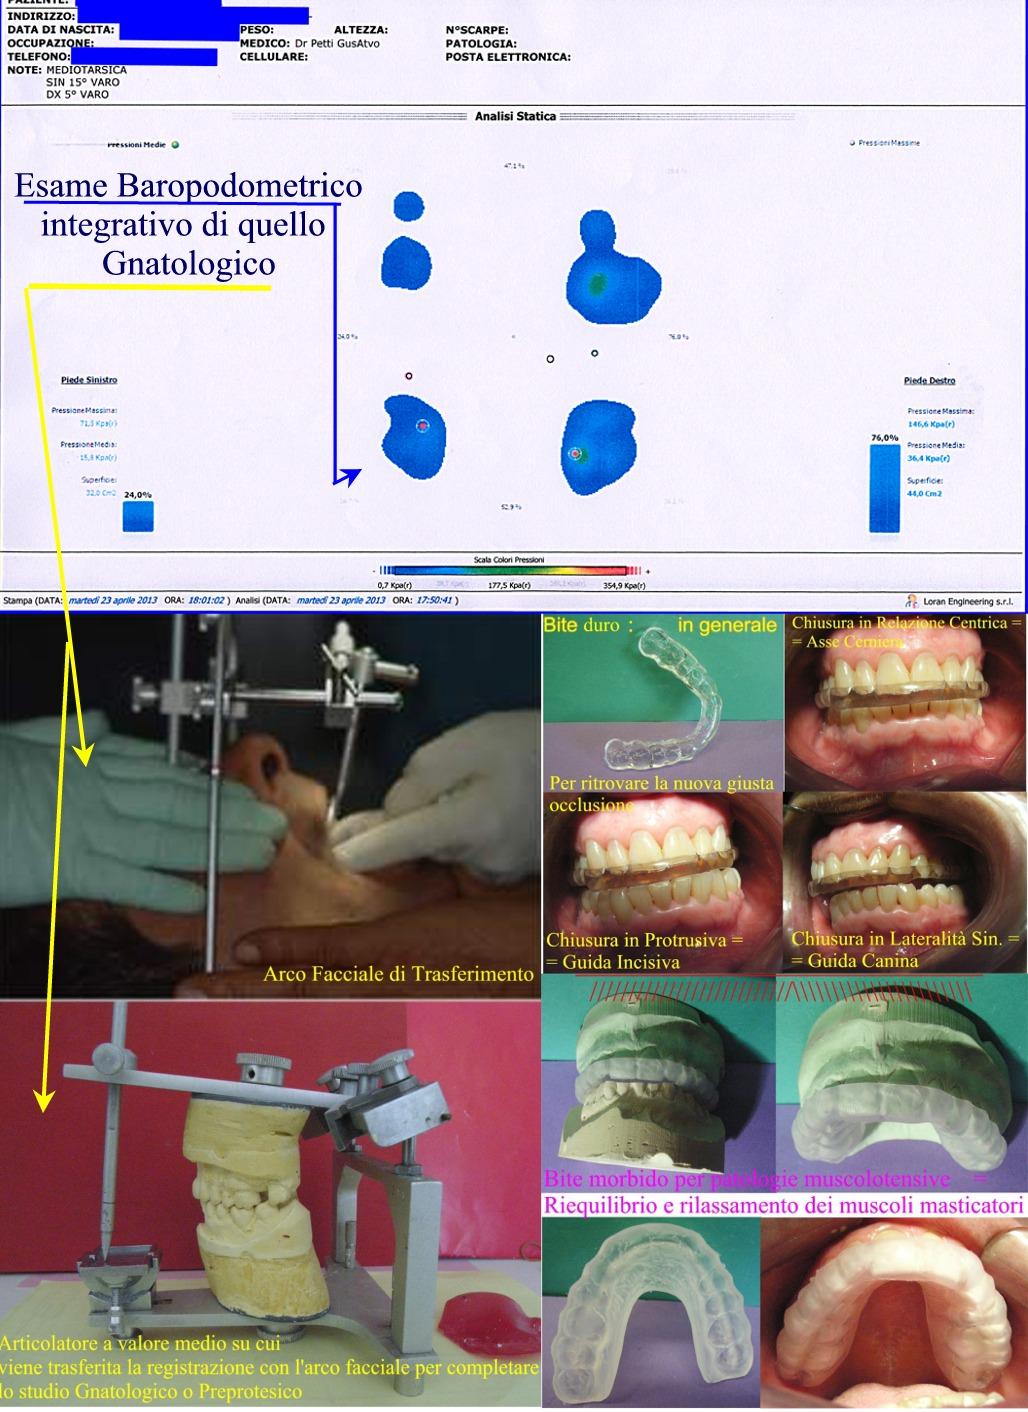 analisi-gnatologica-dr-g.petti-cagliari.jpg